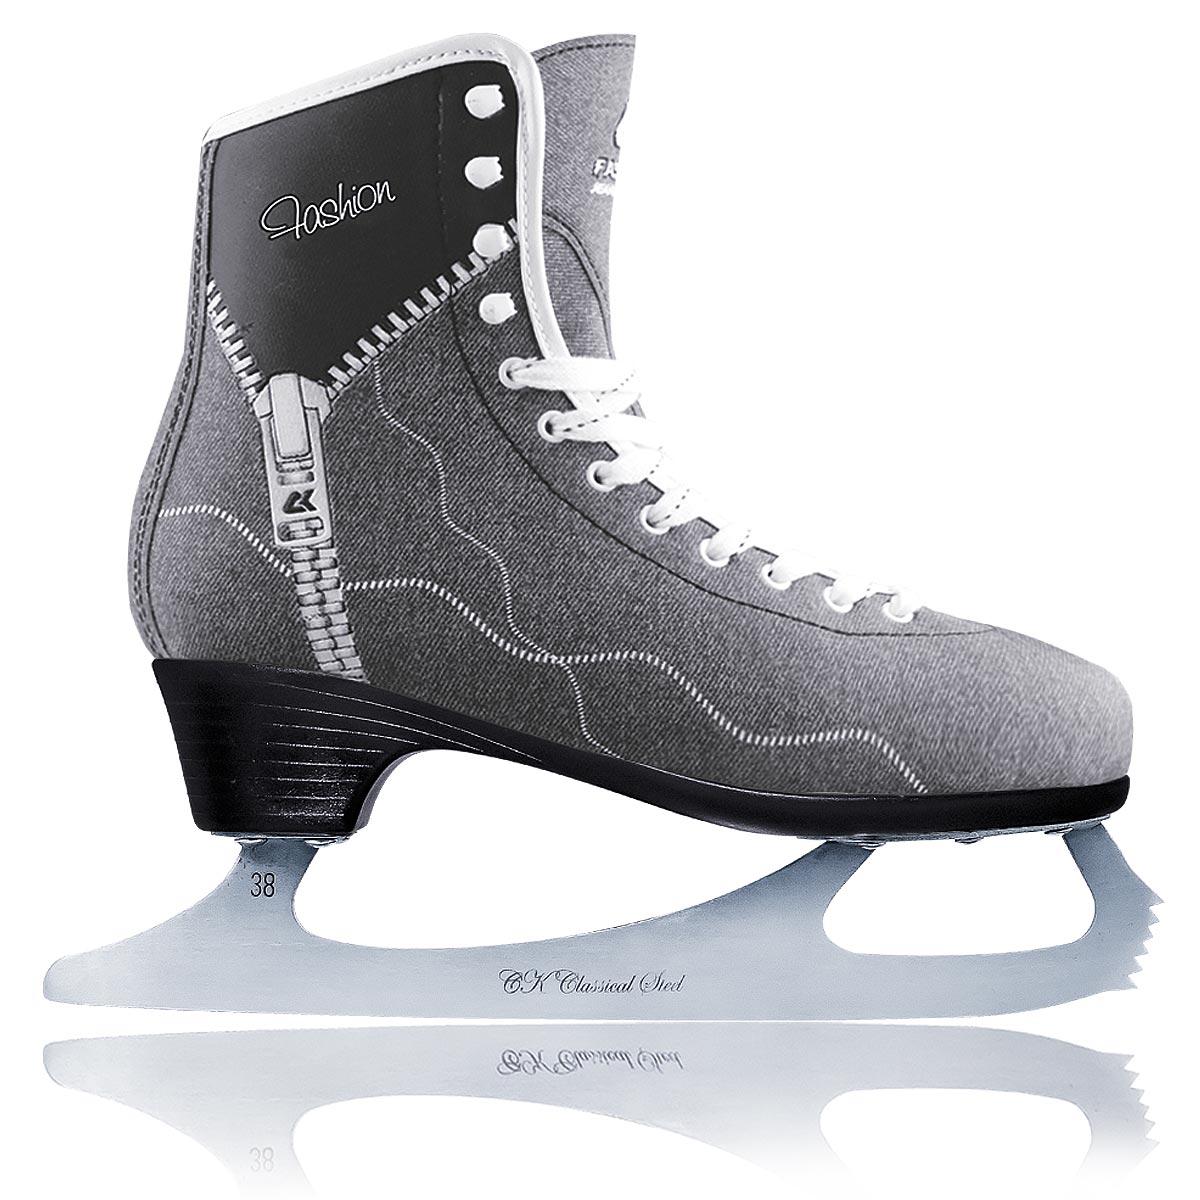 Коньки фигурные для девочки CK Fashion Lux Jeans, цвет: серый. Размер 35PRINCESS LUX_серо-коричневый_35Фигурные коньки от CK Fashion Lux Jeans идеально подойдут для любительского катания. Модель с высокой, плотной колодкой и усиленным задником, обеспечивающим боковую поддержку ноги, выполнена из синтетического материала на виниловой основе. Внутренняя поверхность отделана искусственным мехом. Анатомический язычок из войлока идеально облегает стопу и повышает комфорт. Стелька из упругого пенного полимерного материала EVA предназначена для быстрой адаптации ботинка к индивидуальным формам ноги и ее комфортного положения.Ботинок обеспечивает комфорт и устойчивость ноги, правильное распределение нагрузки, сильно снижает травмоопасность. Ботинок полностью обволакивает ногу, обеспечивает прочную и удобную фиксацию ноги, а также повышенную защиту от ударов. Модель фиксируется на ноге классической шнуровкой.Лезвие выполнено из нержавеющей стали, оно обладает высокой твердостью и долго держит заточку. Подошва Graceful обладает элегантным дизайном, повышенной твердостью и пониженным весом. Более высокий каблук делает ногу более изящной и стройной, а также повышает управляемость и маневренность конька.